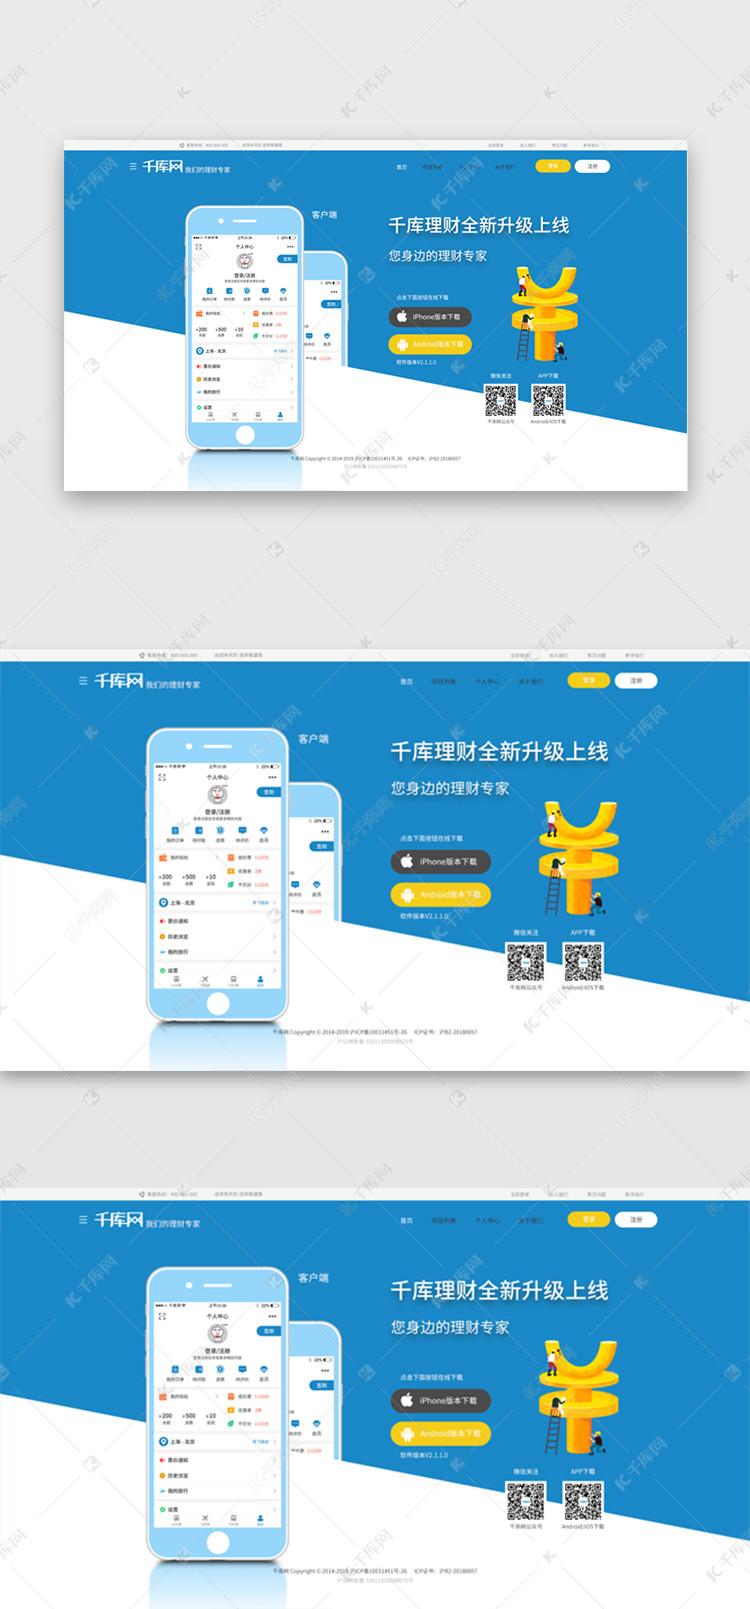 蓝色系页面软件下载网站ui设计素材聚源v蓝色图片